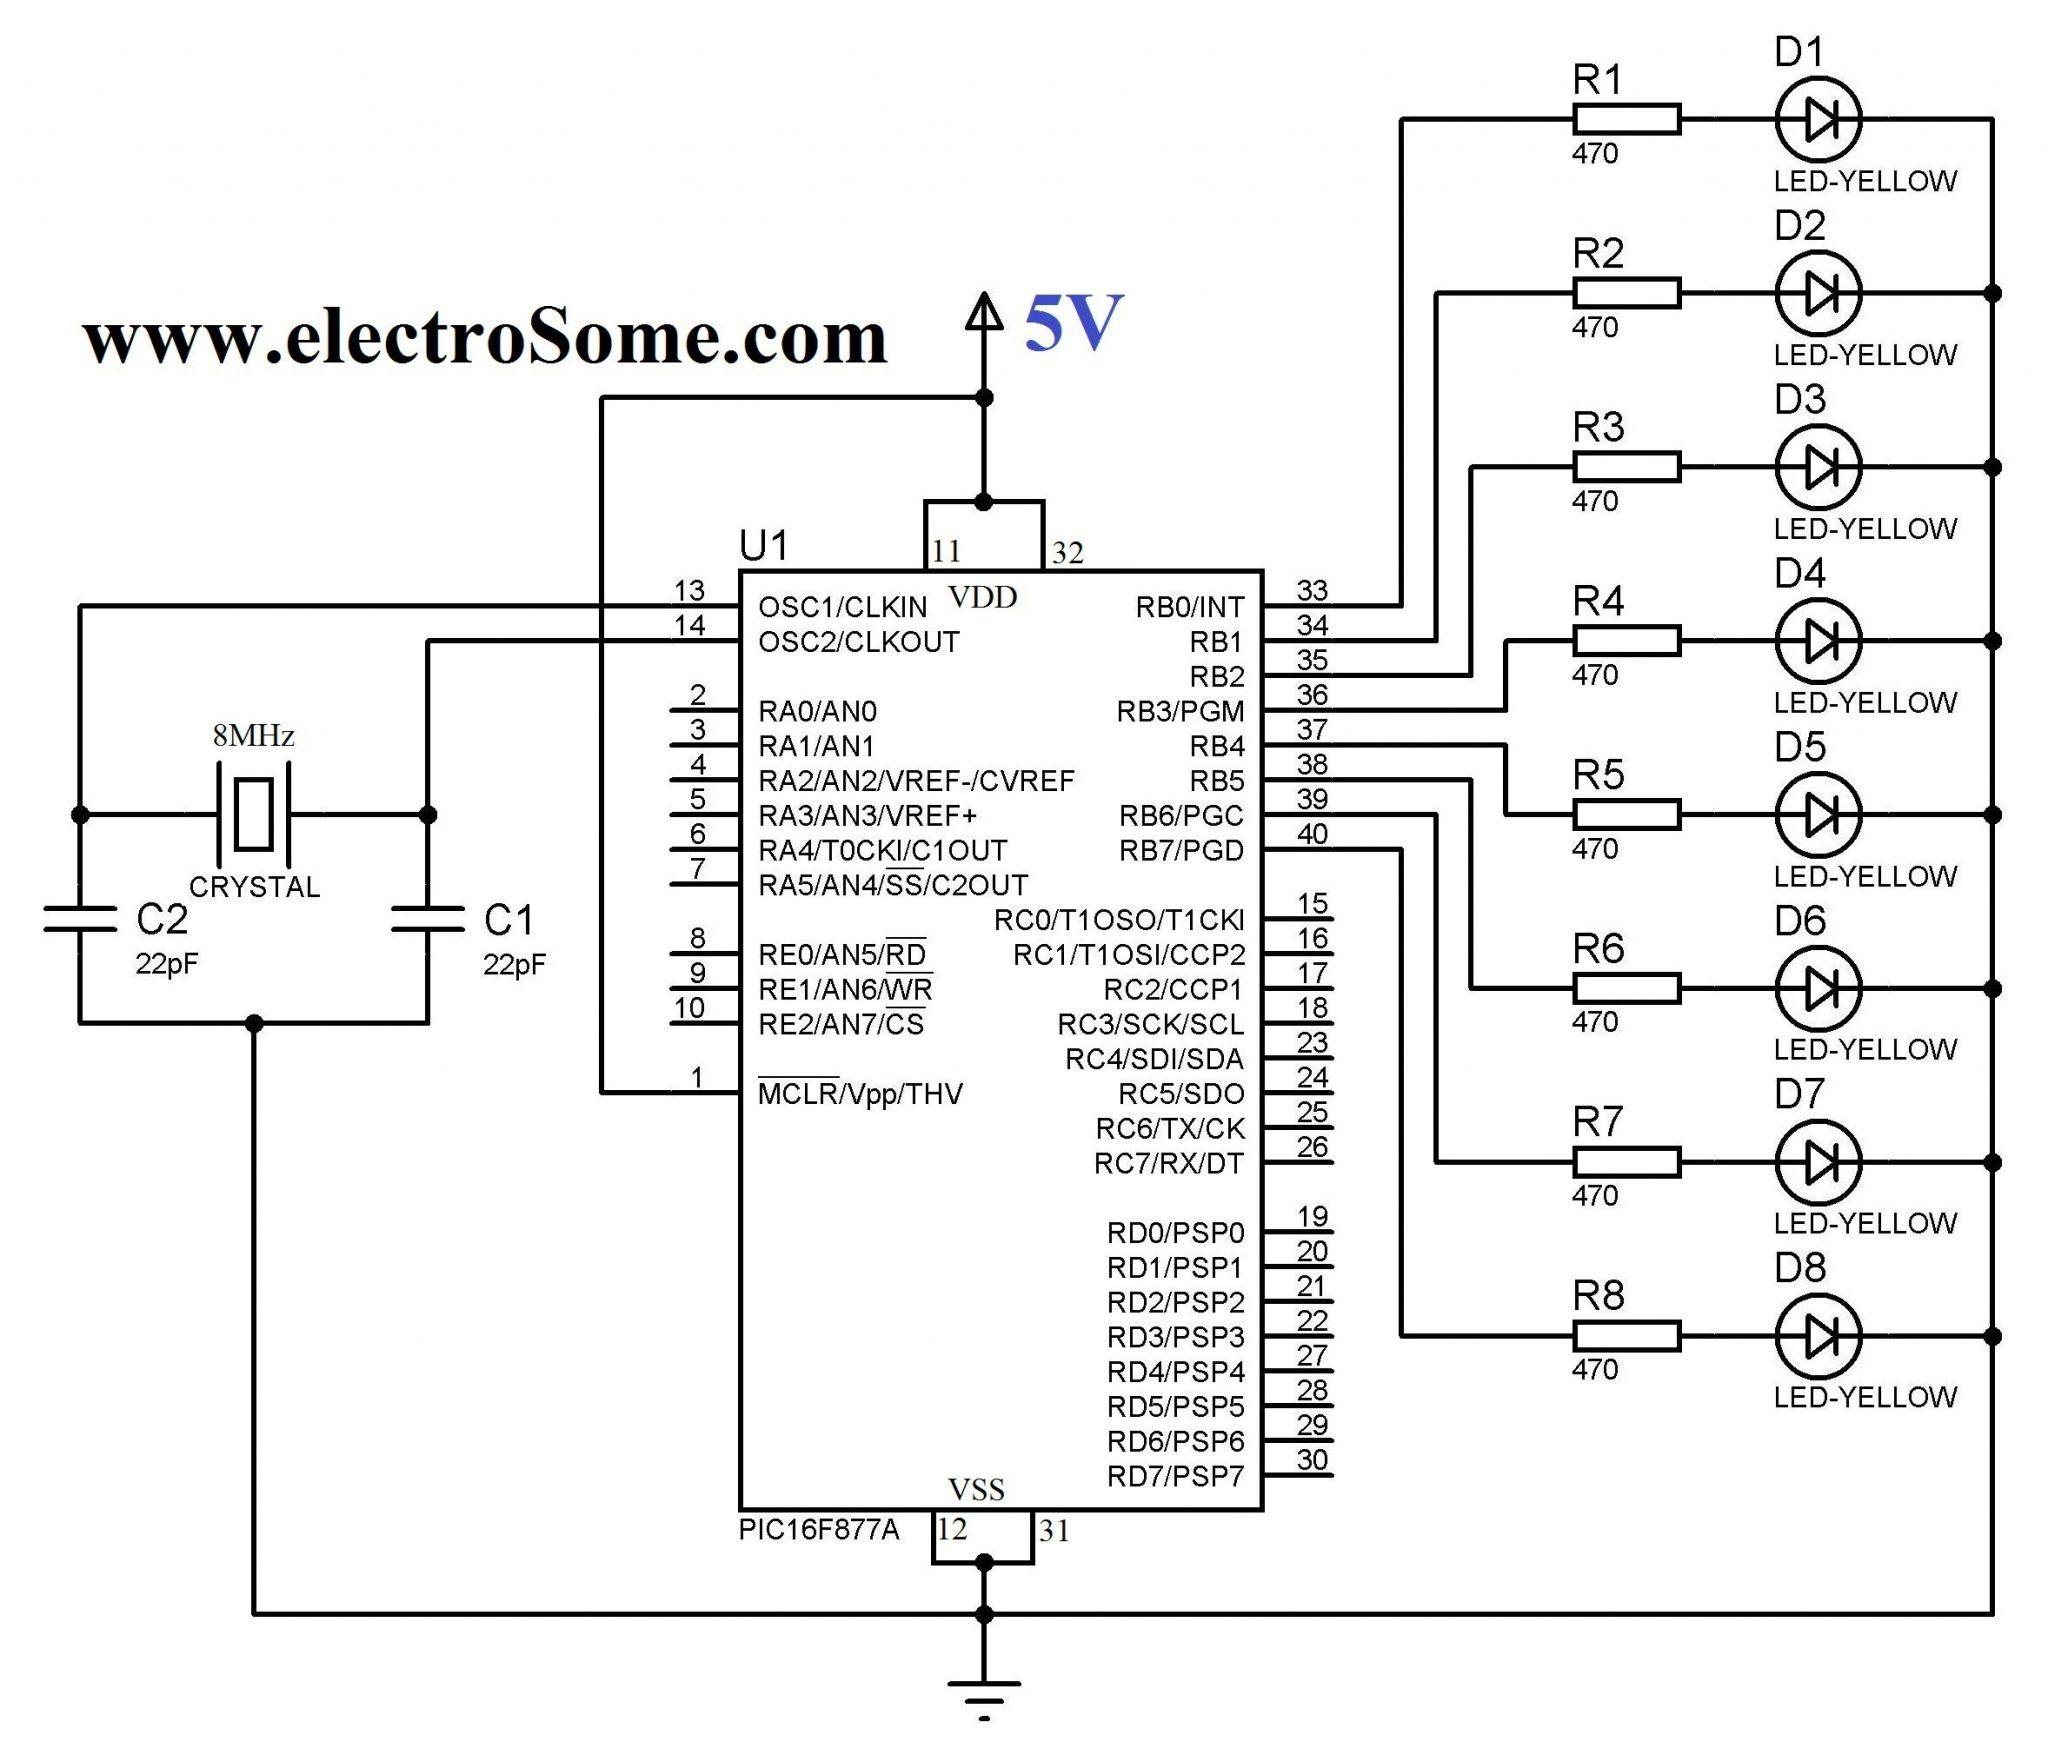 led circuit diagram 2002 jetta vacuum hose clock free engine image for user